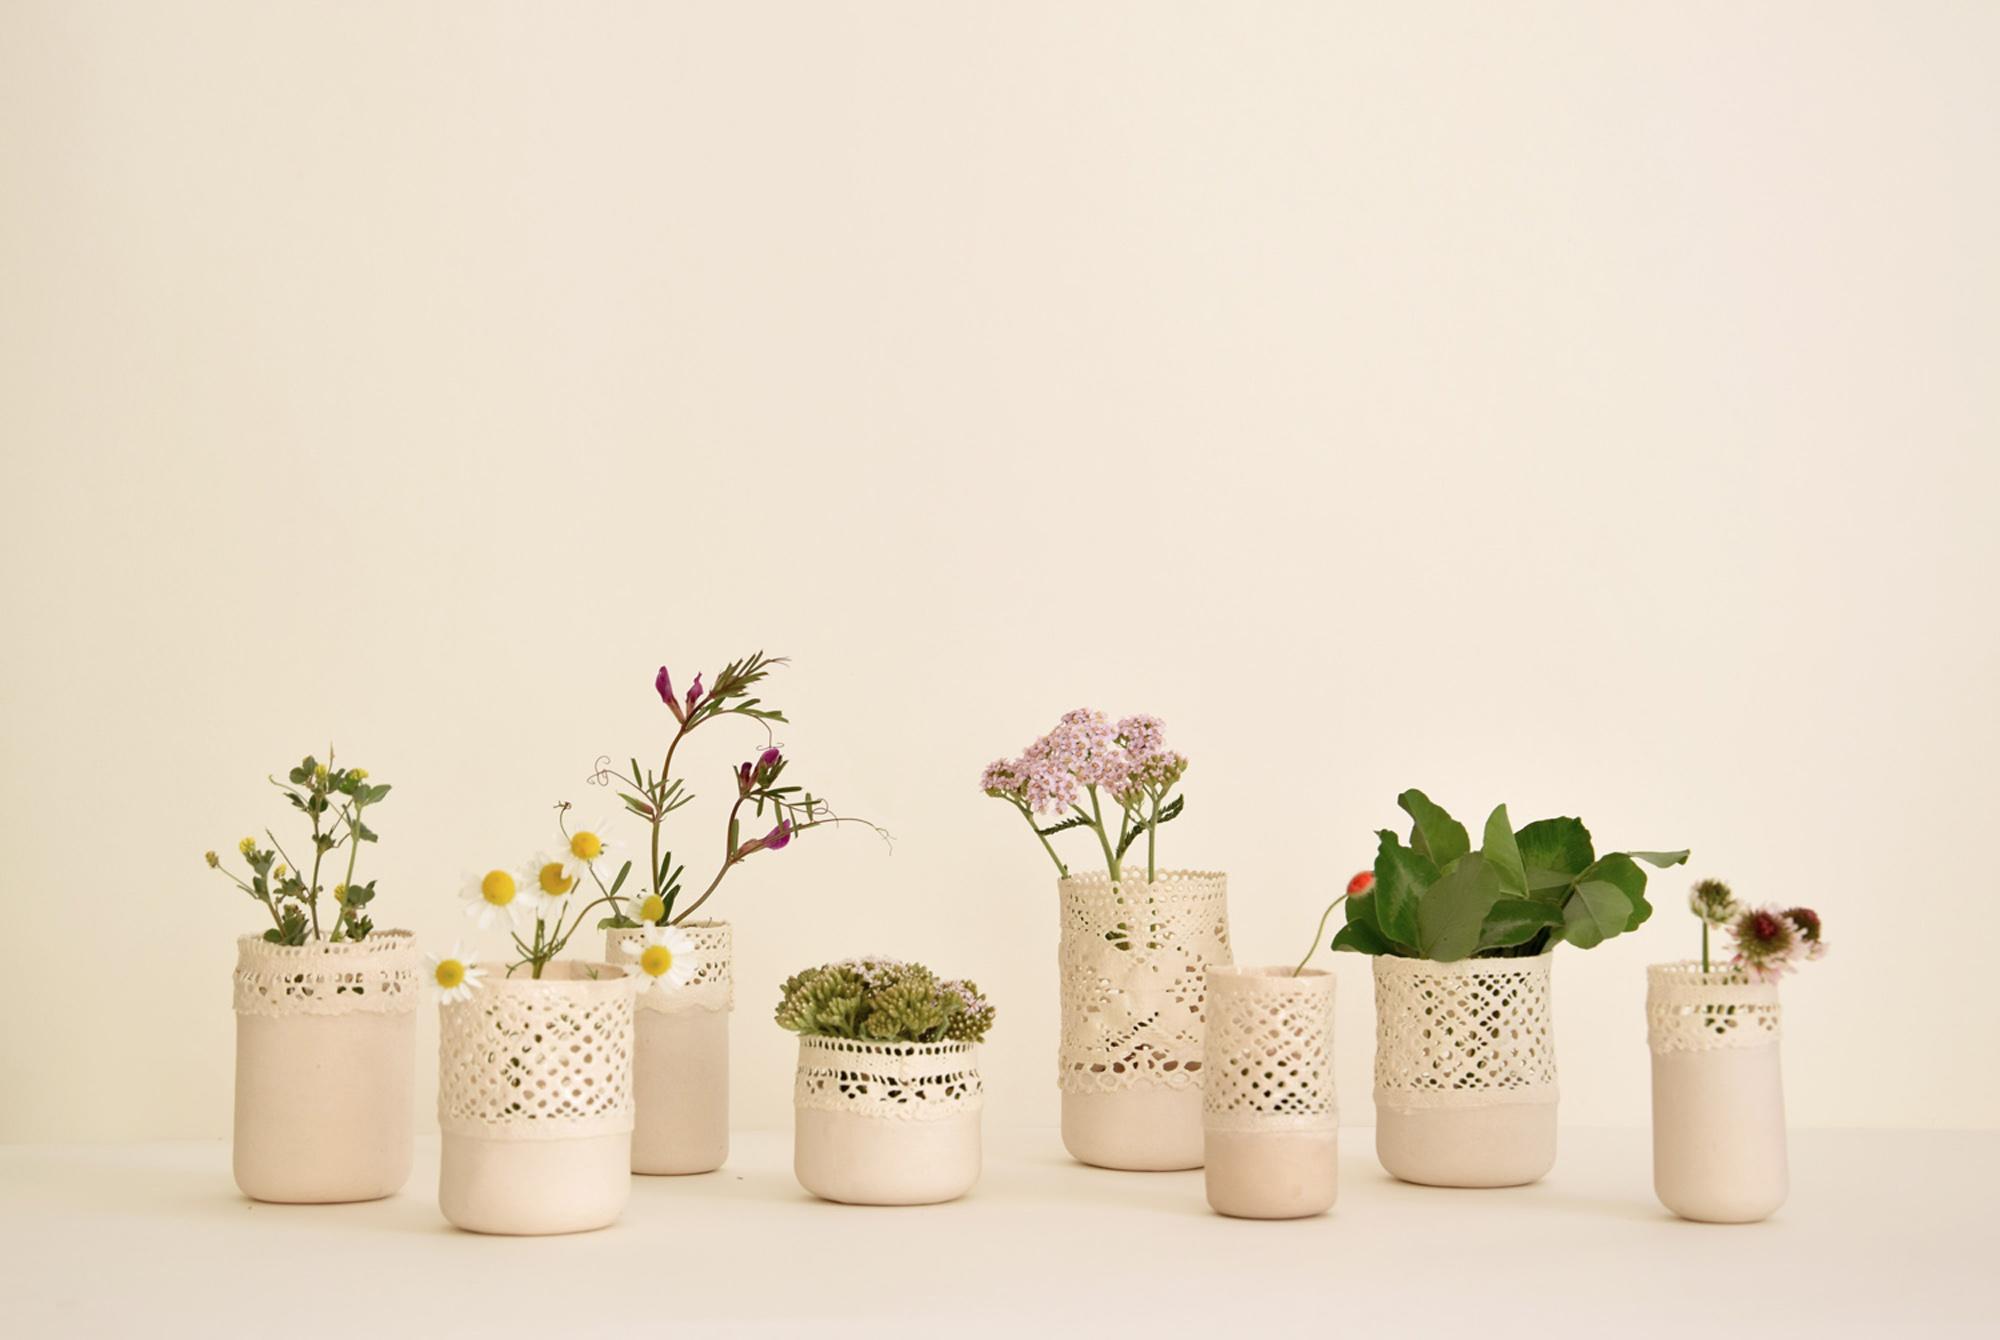 minicollection-withflowers-studiokryszewski.jpg